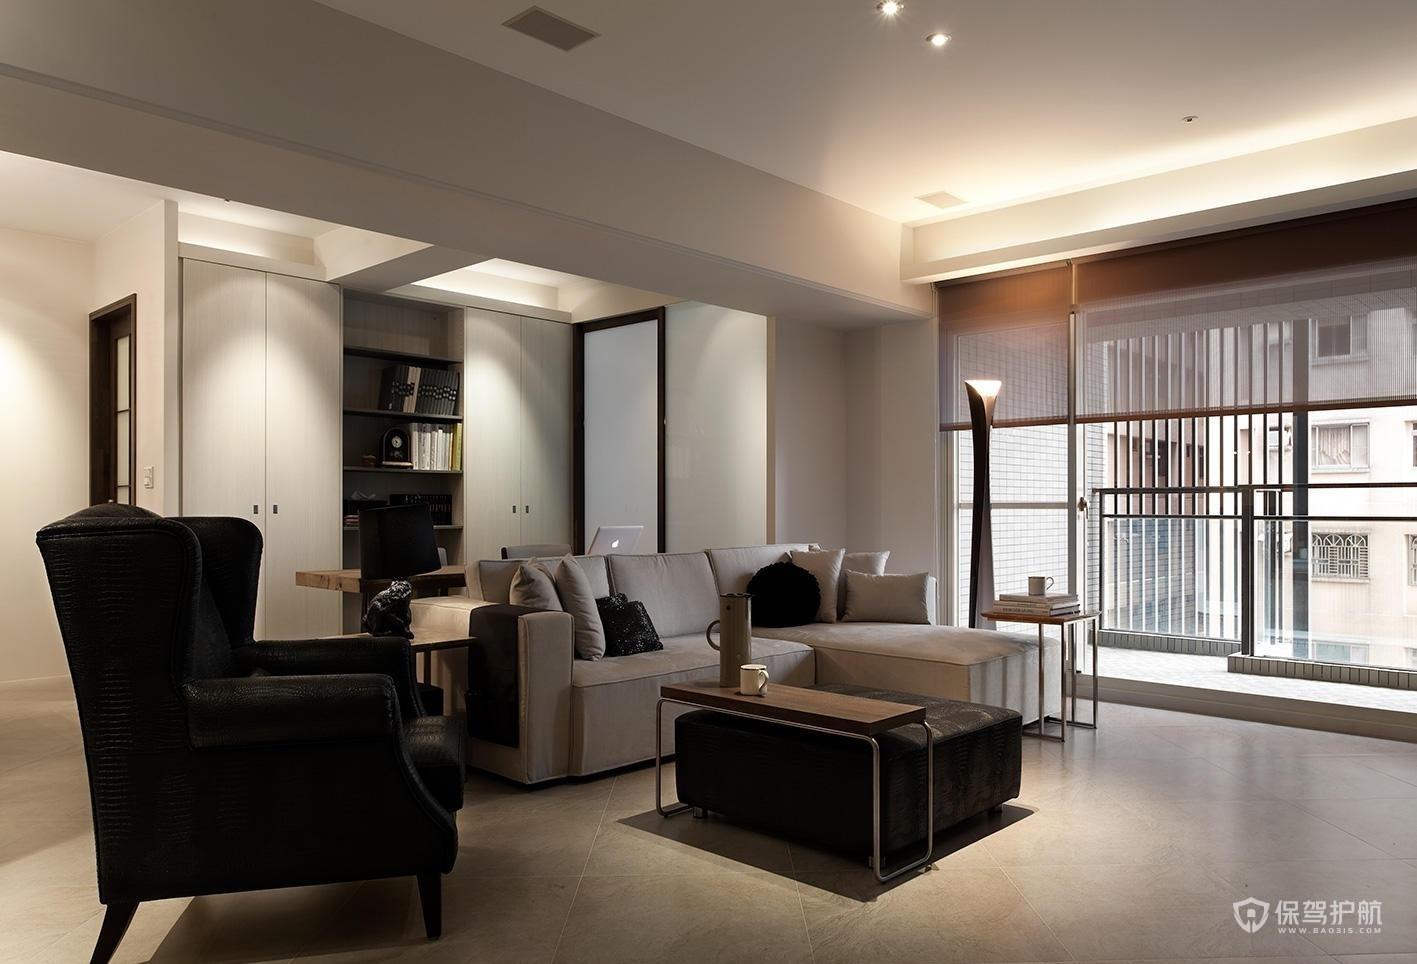 100平米三室簡約裝修費用要多少?100平米三室簡約裝修效果圖